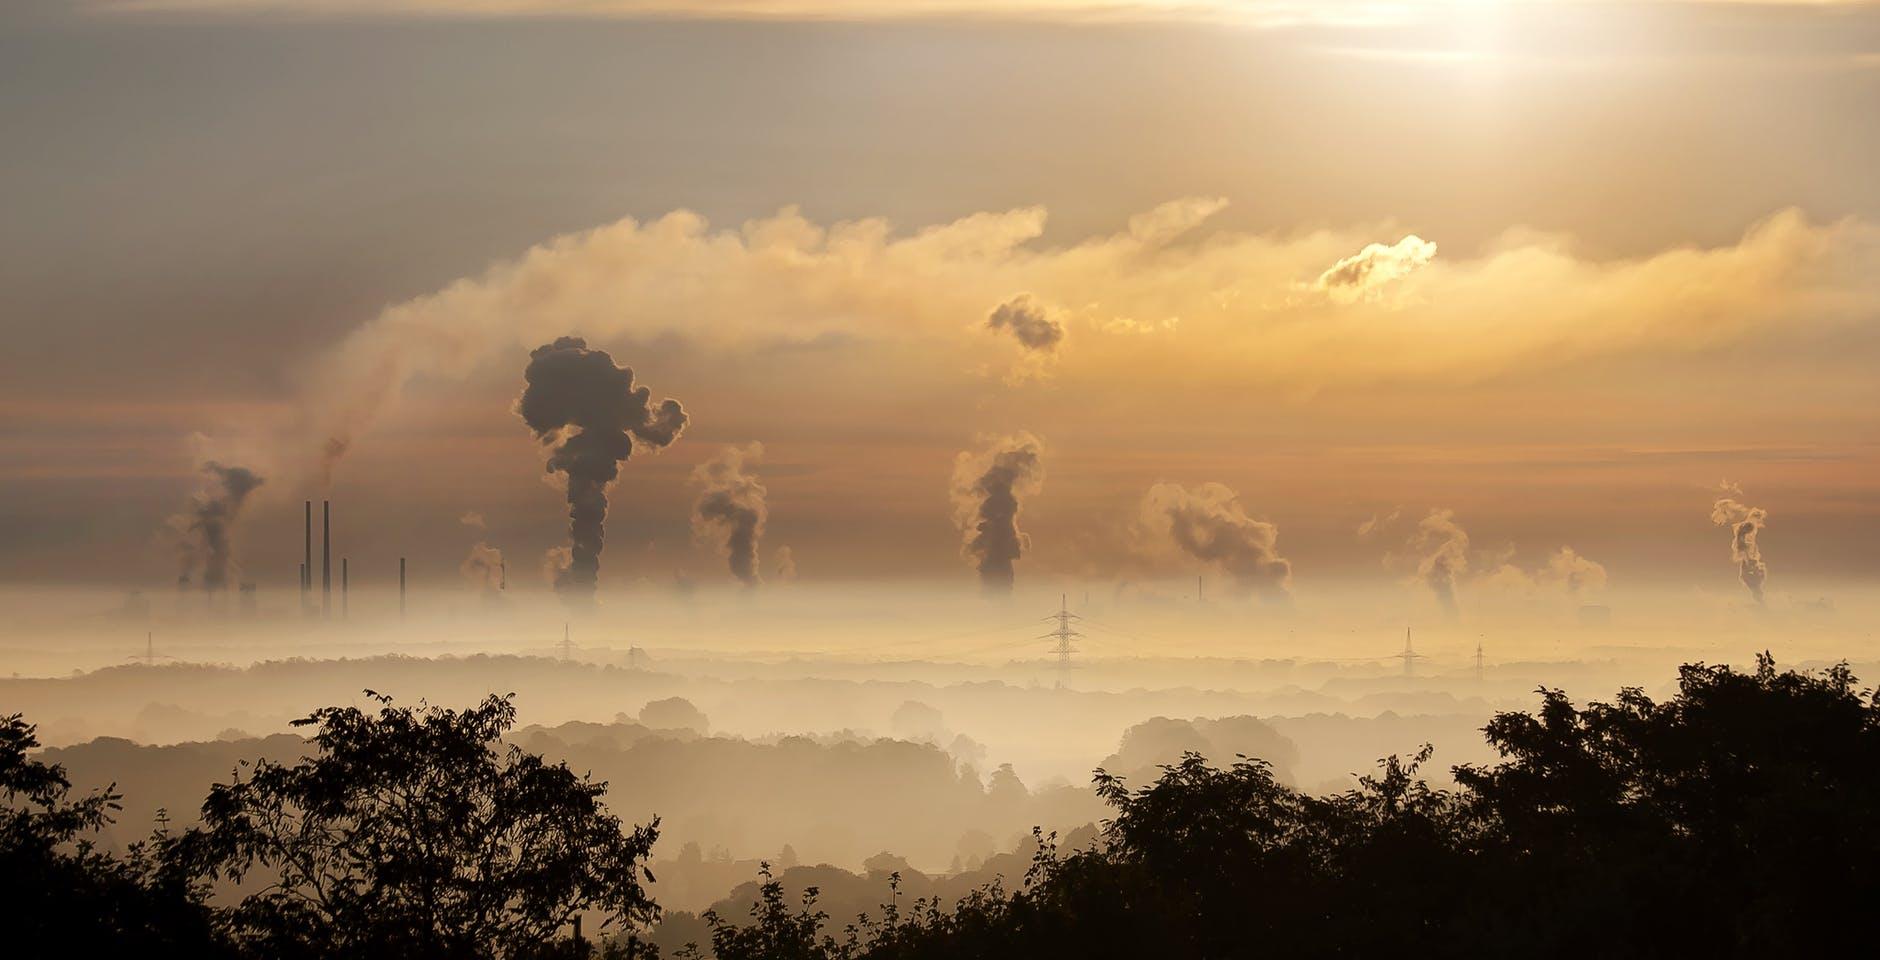 paisaje contaminado por fabricas al atardecer